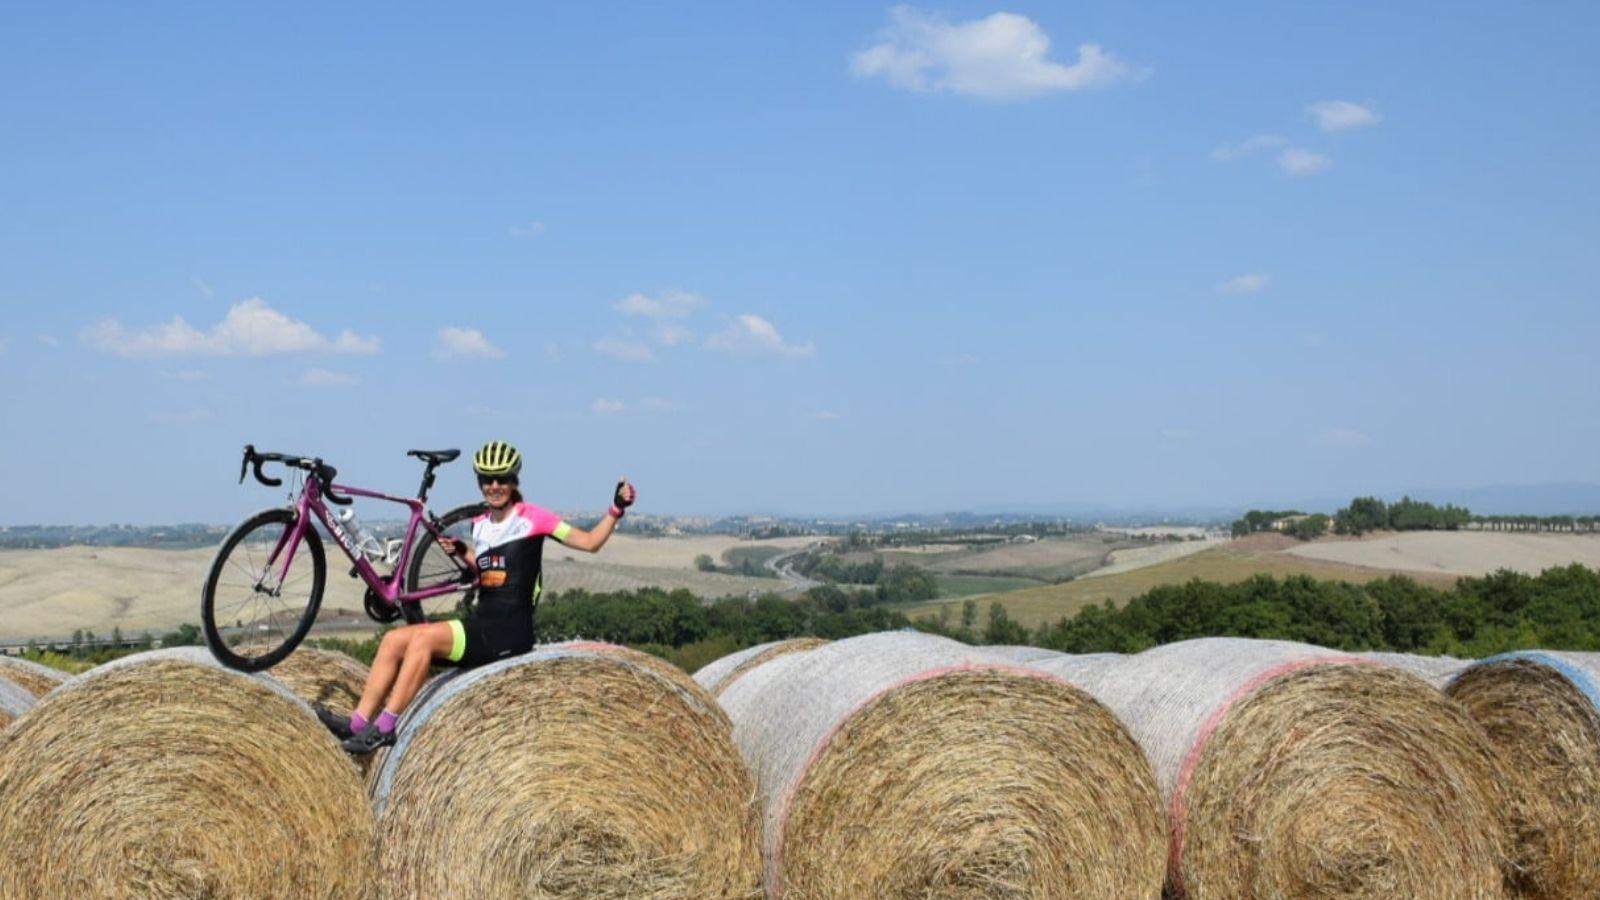 Paola Gianotti ha visitato in bicicletta 91 nazioni nel mondo